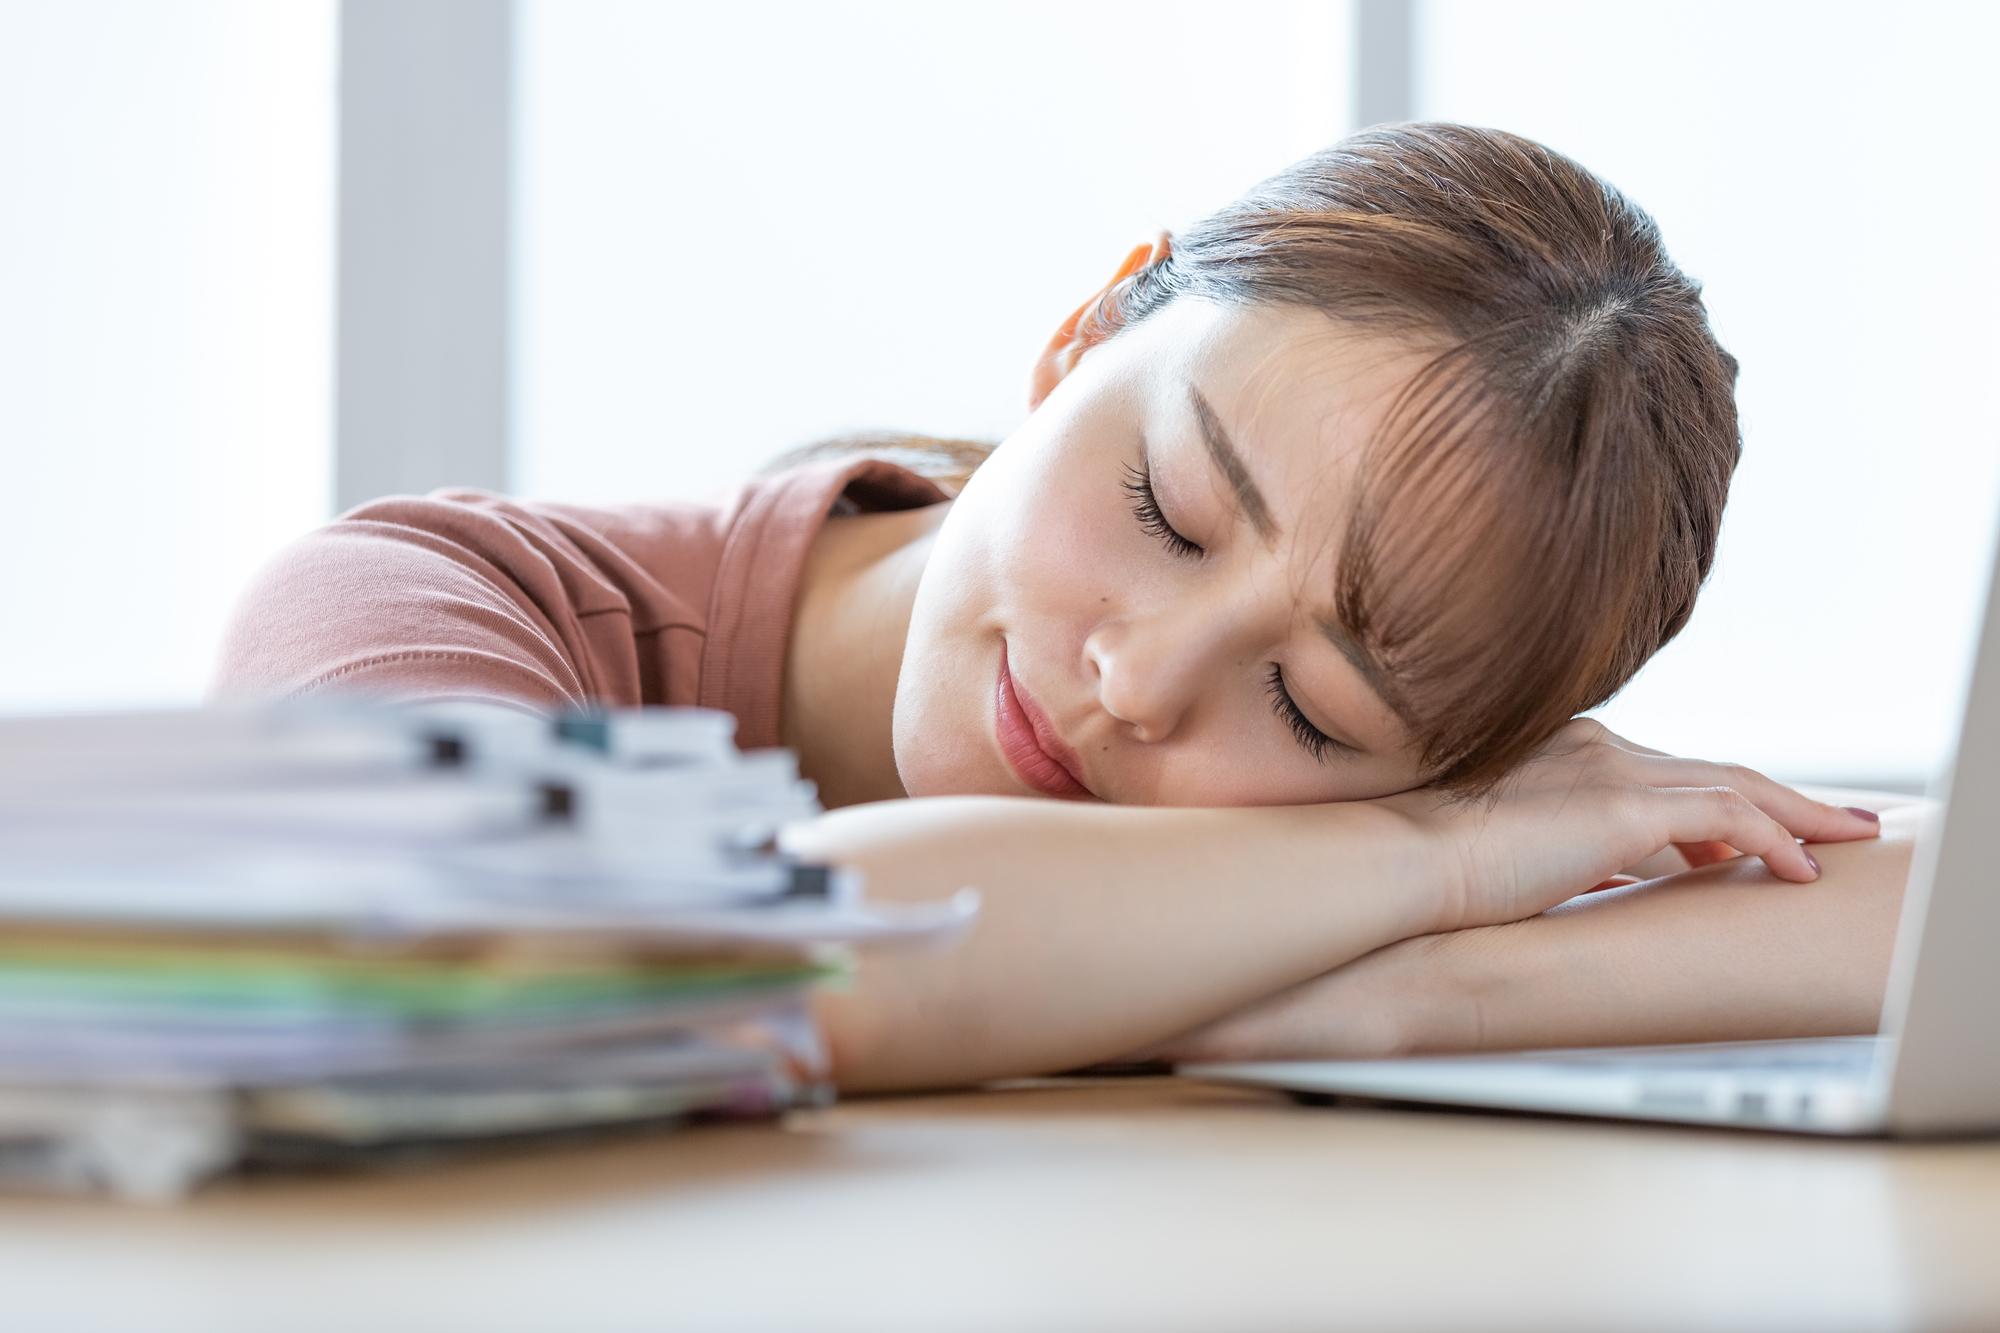 デスクの上で寝ている女性